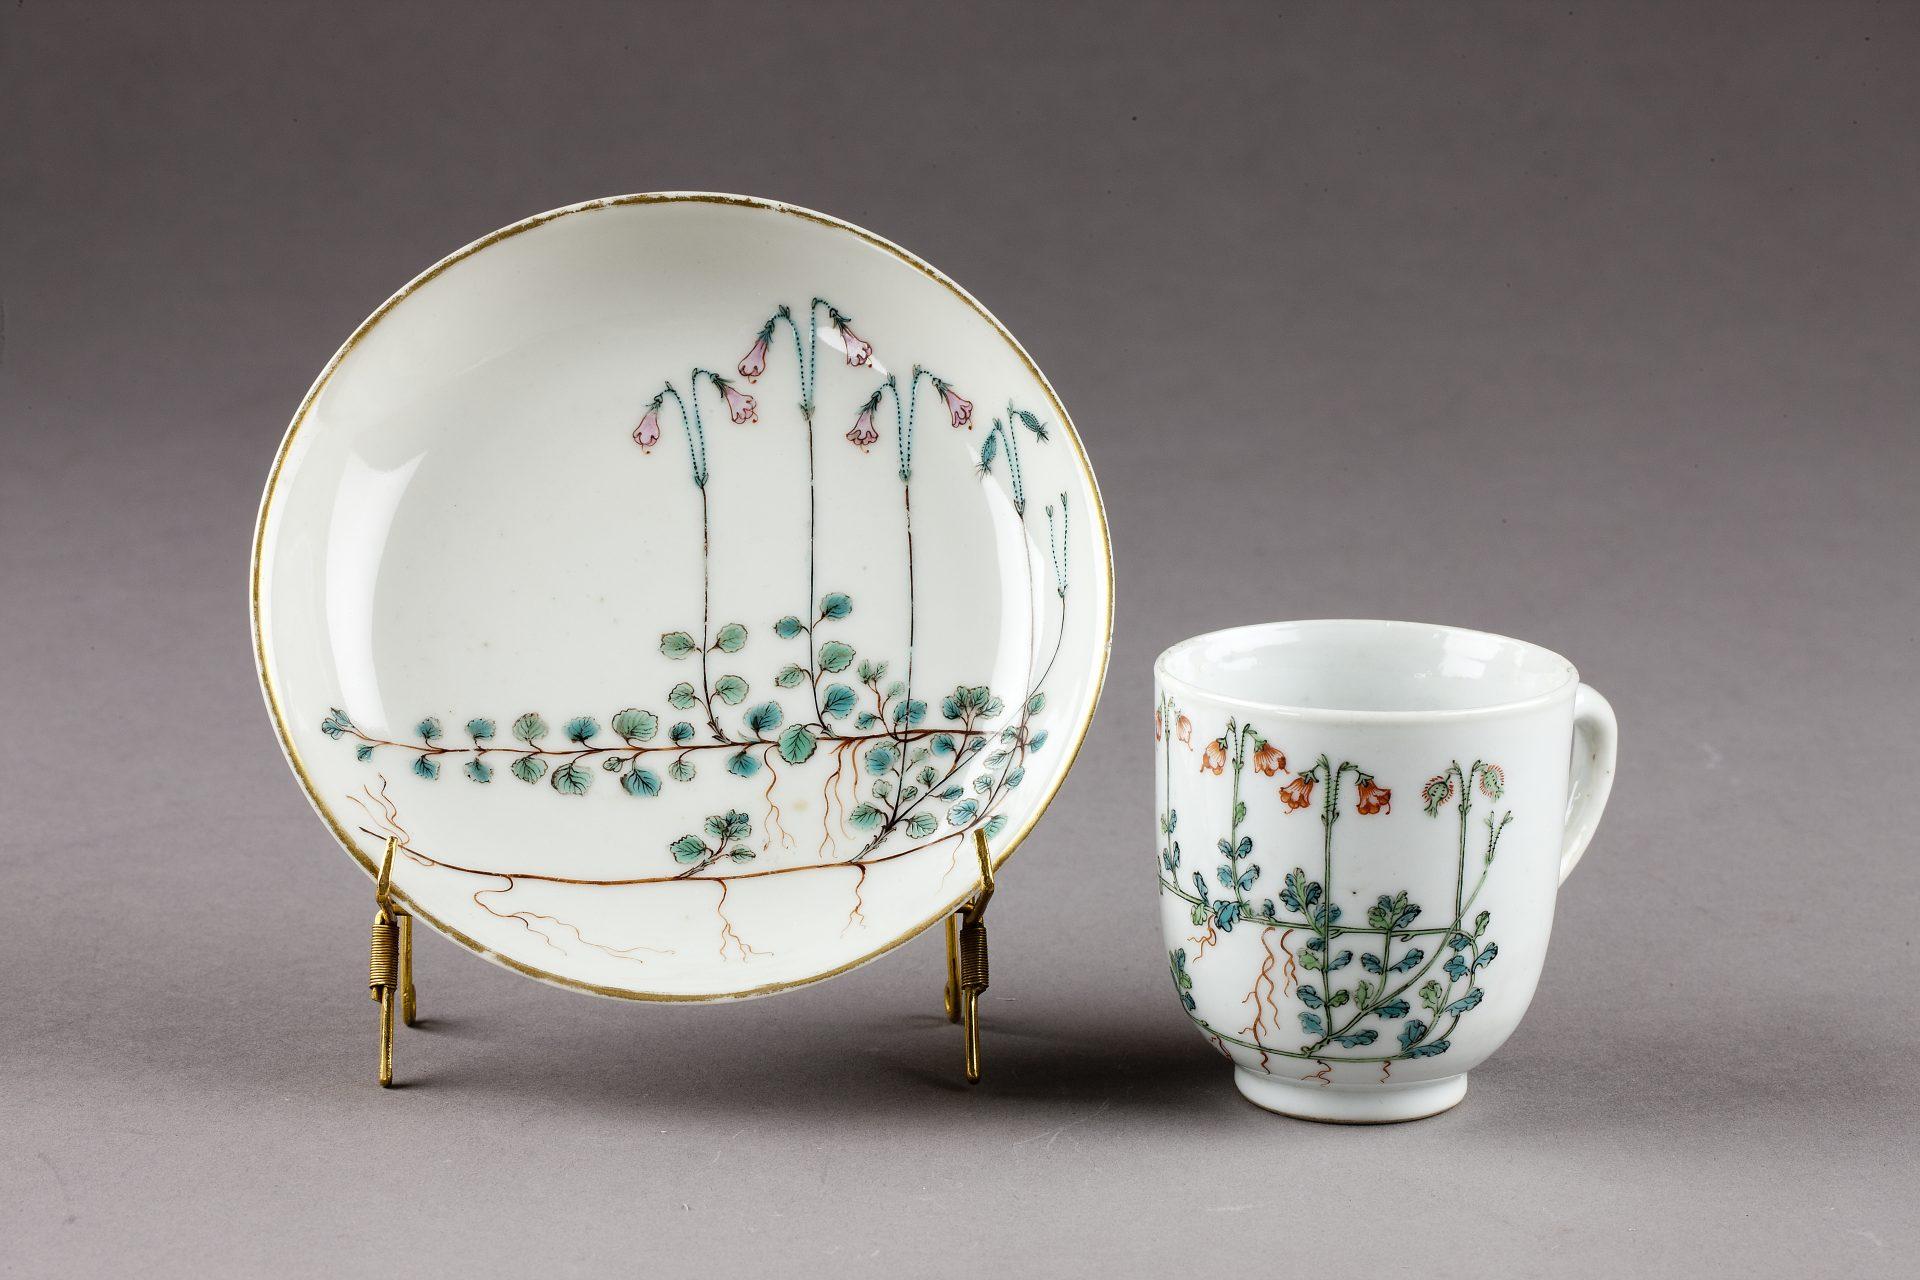 En kopp och ett fat av vitt porslin, dekorerade med rankor av linnéa.